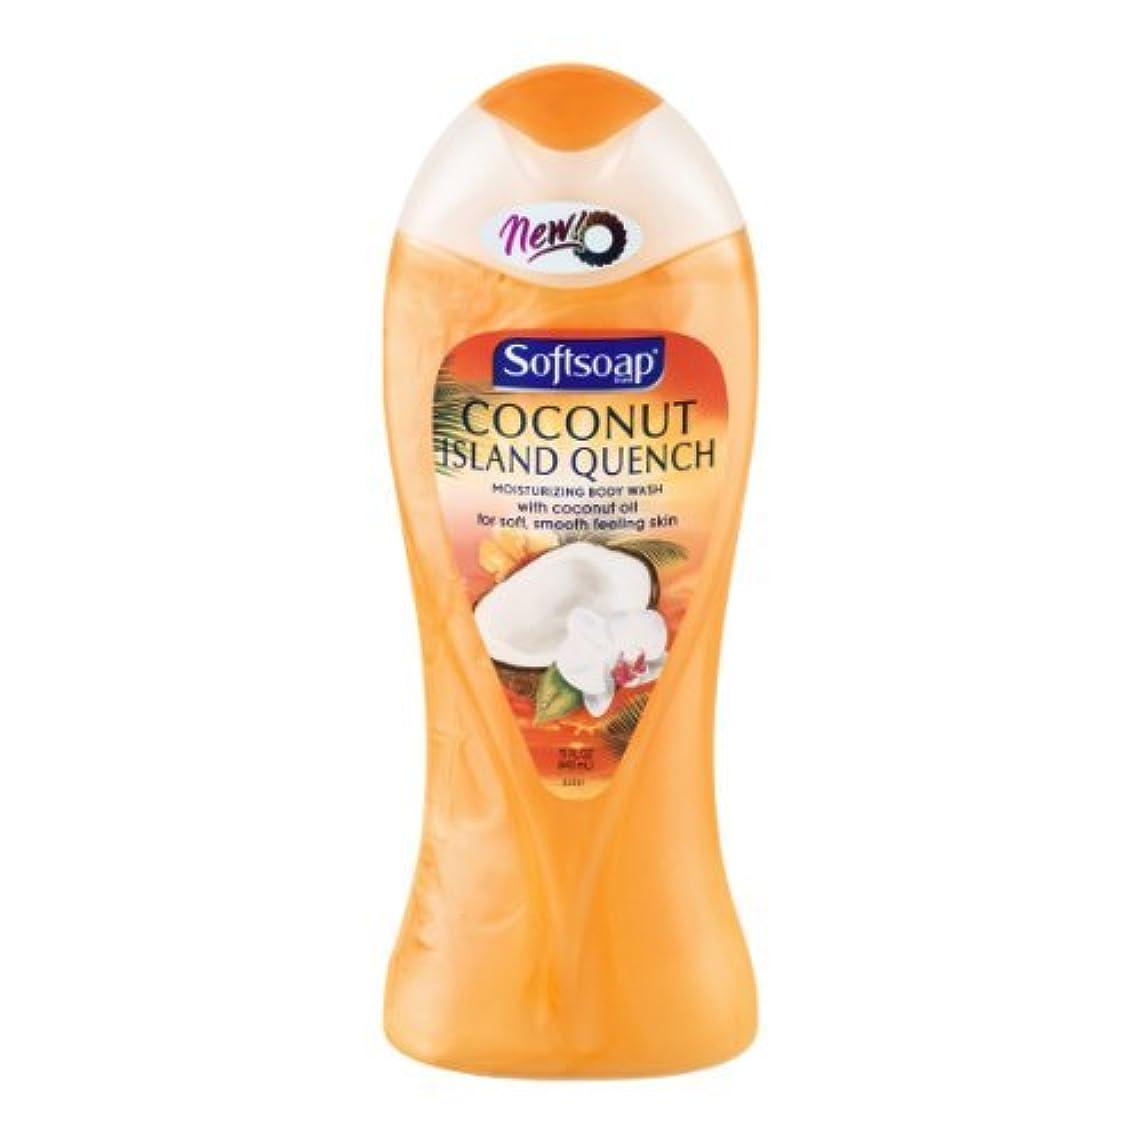 公爵夫人カフェテリア吸収剤Softsoap Moisturizing Body Wash Coconut Island Quench, 15 OZ (Pack of 6) by Softsoap